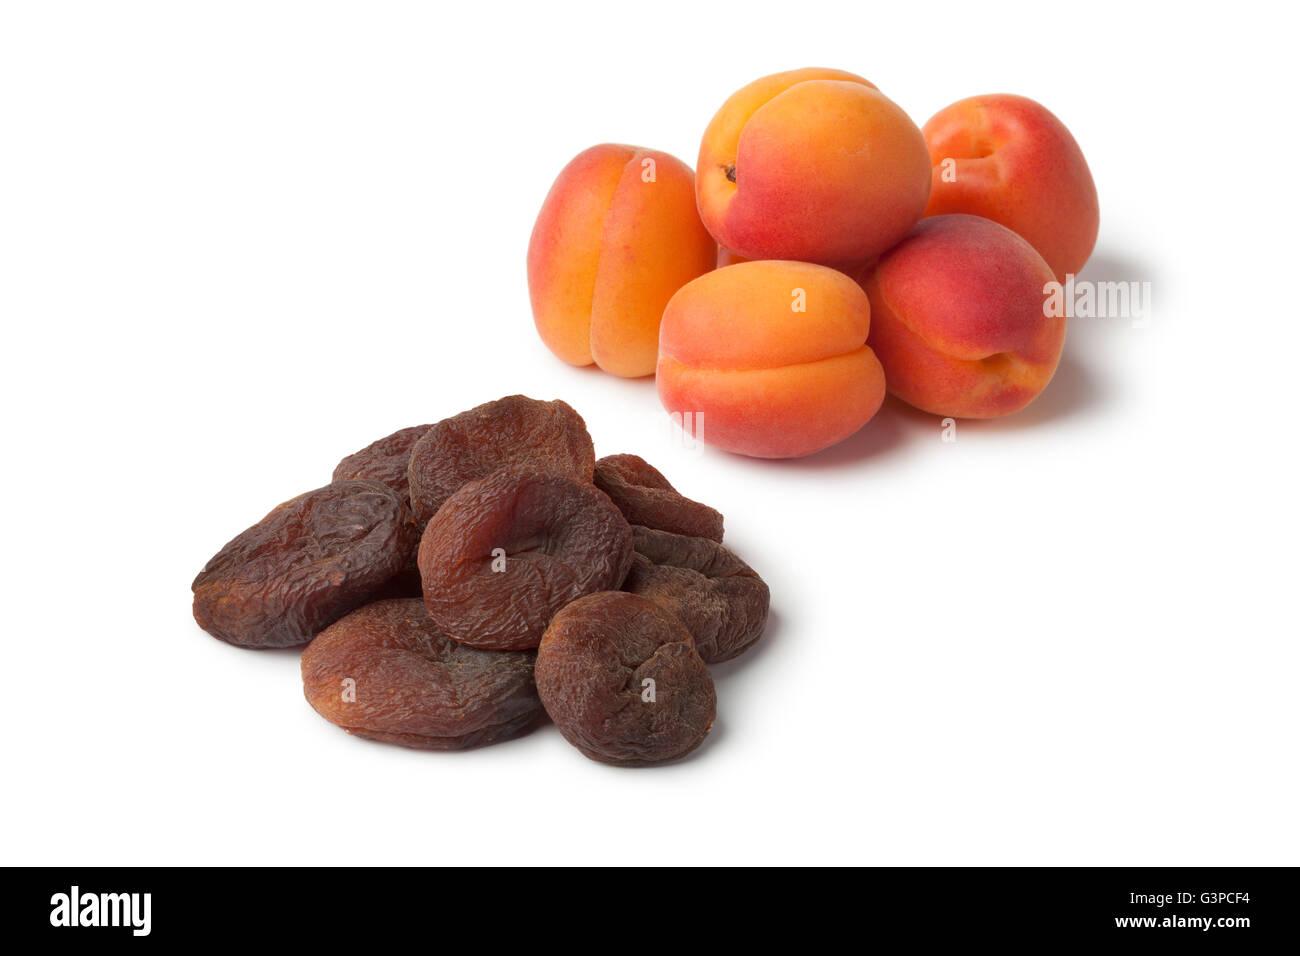 Frais et sain de fruits abricot séché au soleil sur fond blanc Photo Stock